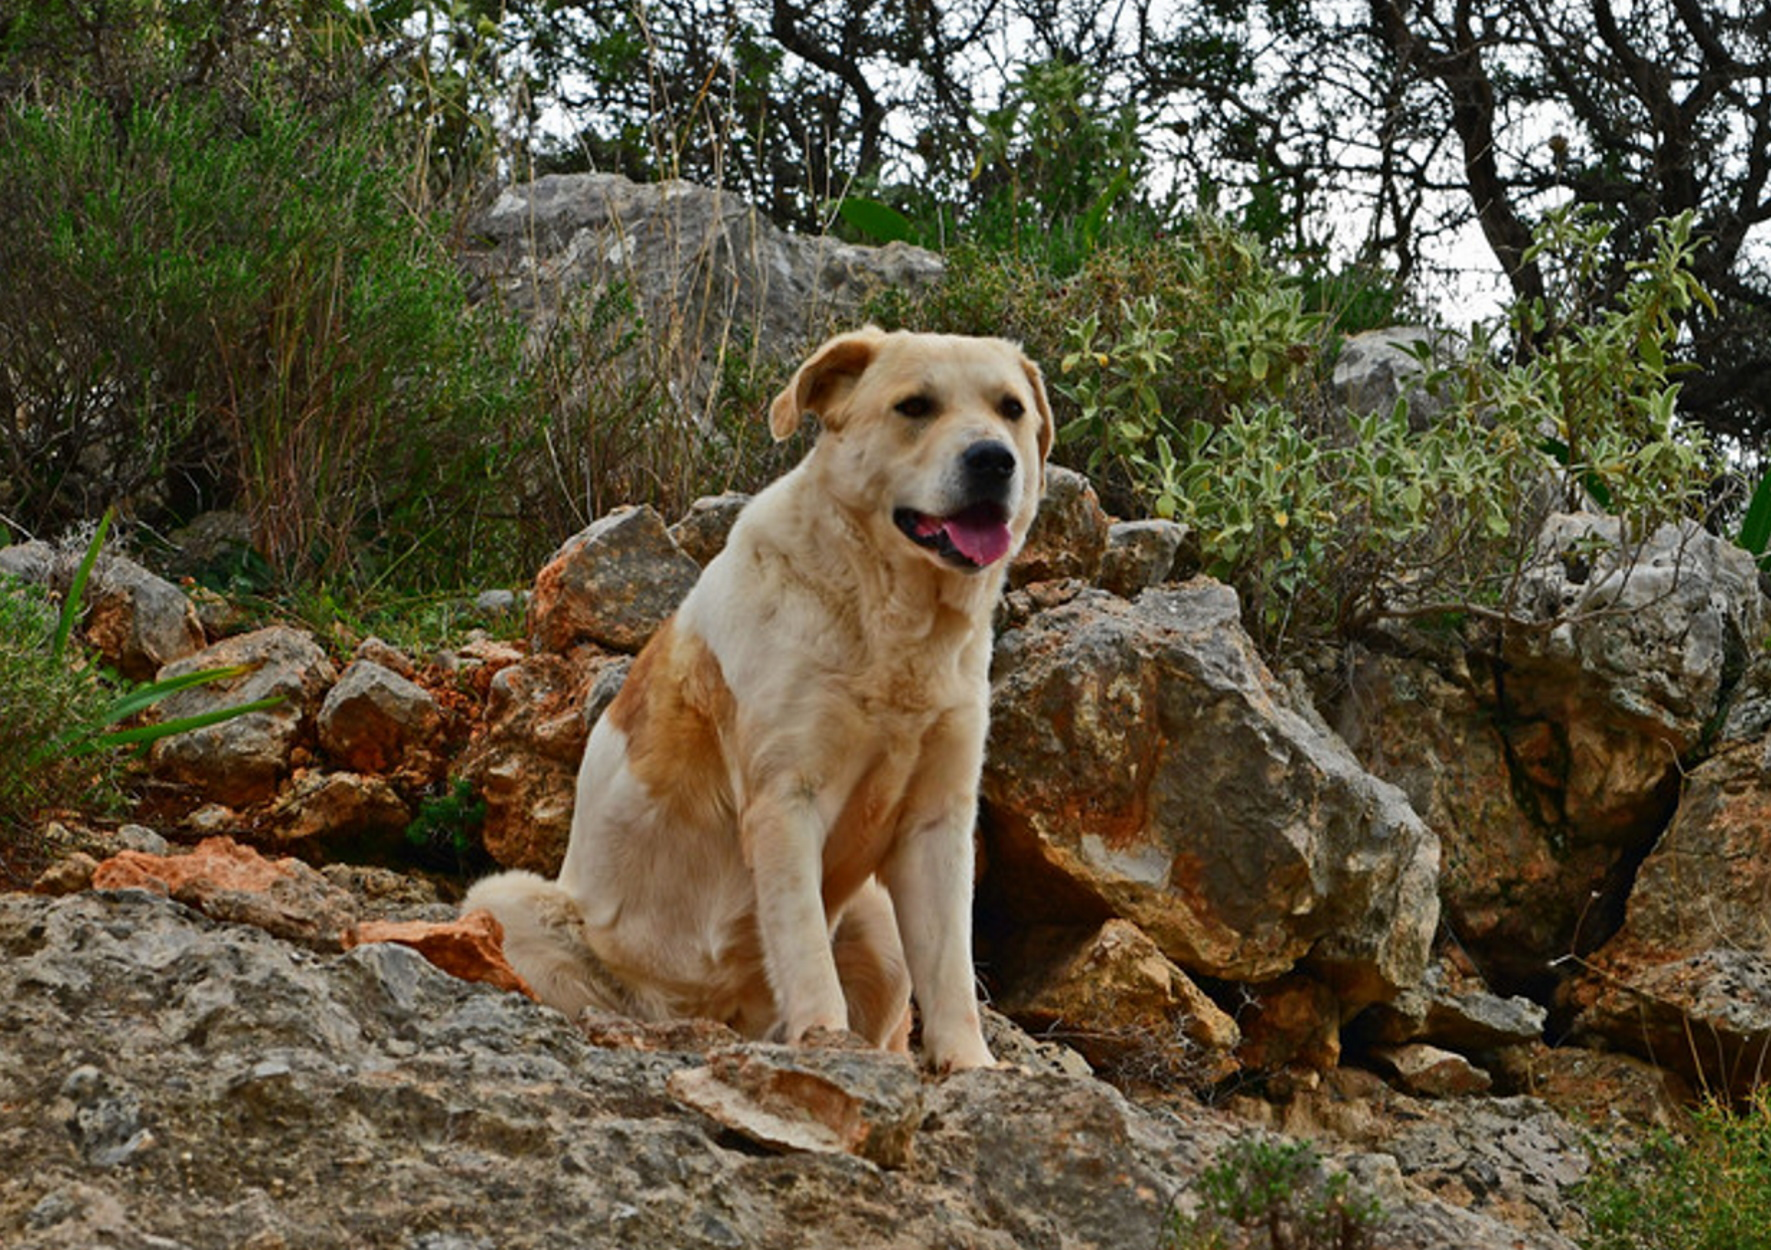 Φθιώτιδα: Έσωσαν αδέσποτο σκύλο που υπέφερε! Δεν έμειναν απαθείς από την εικόνα που αντίκρισαν